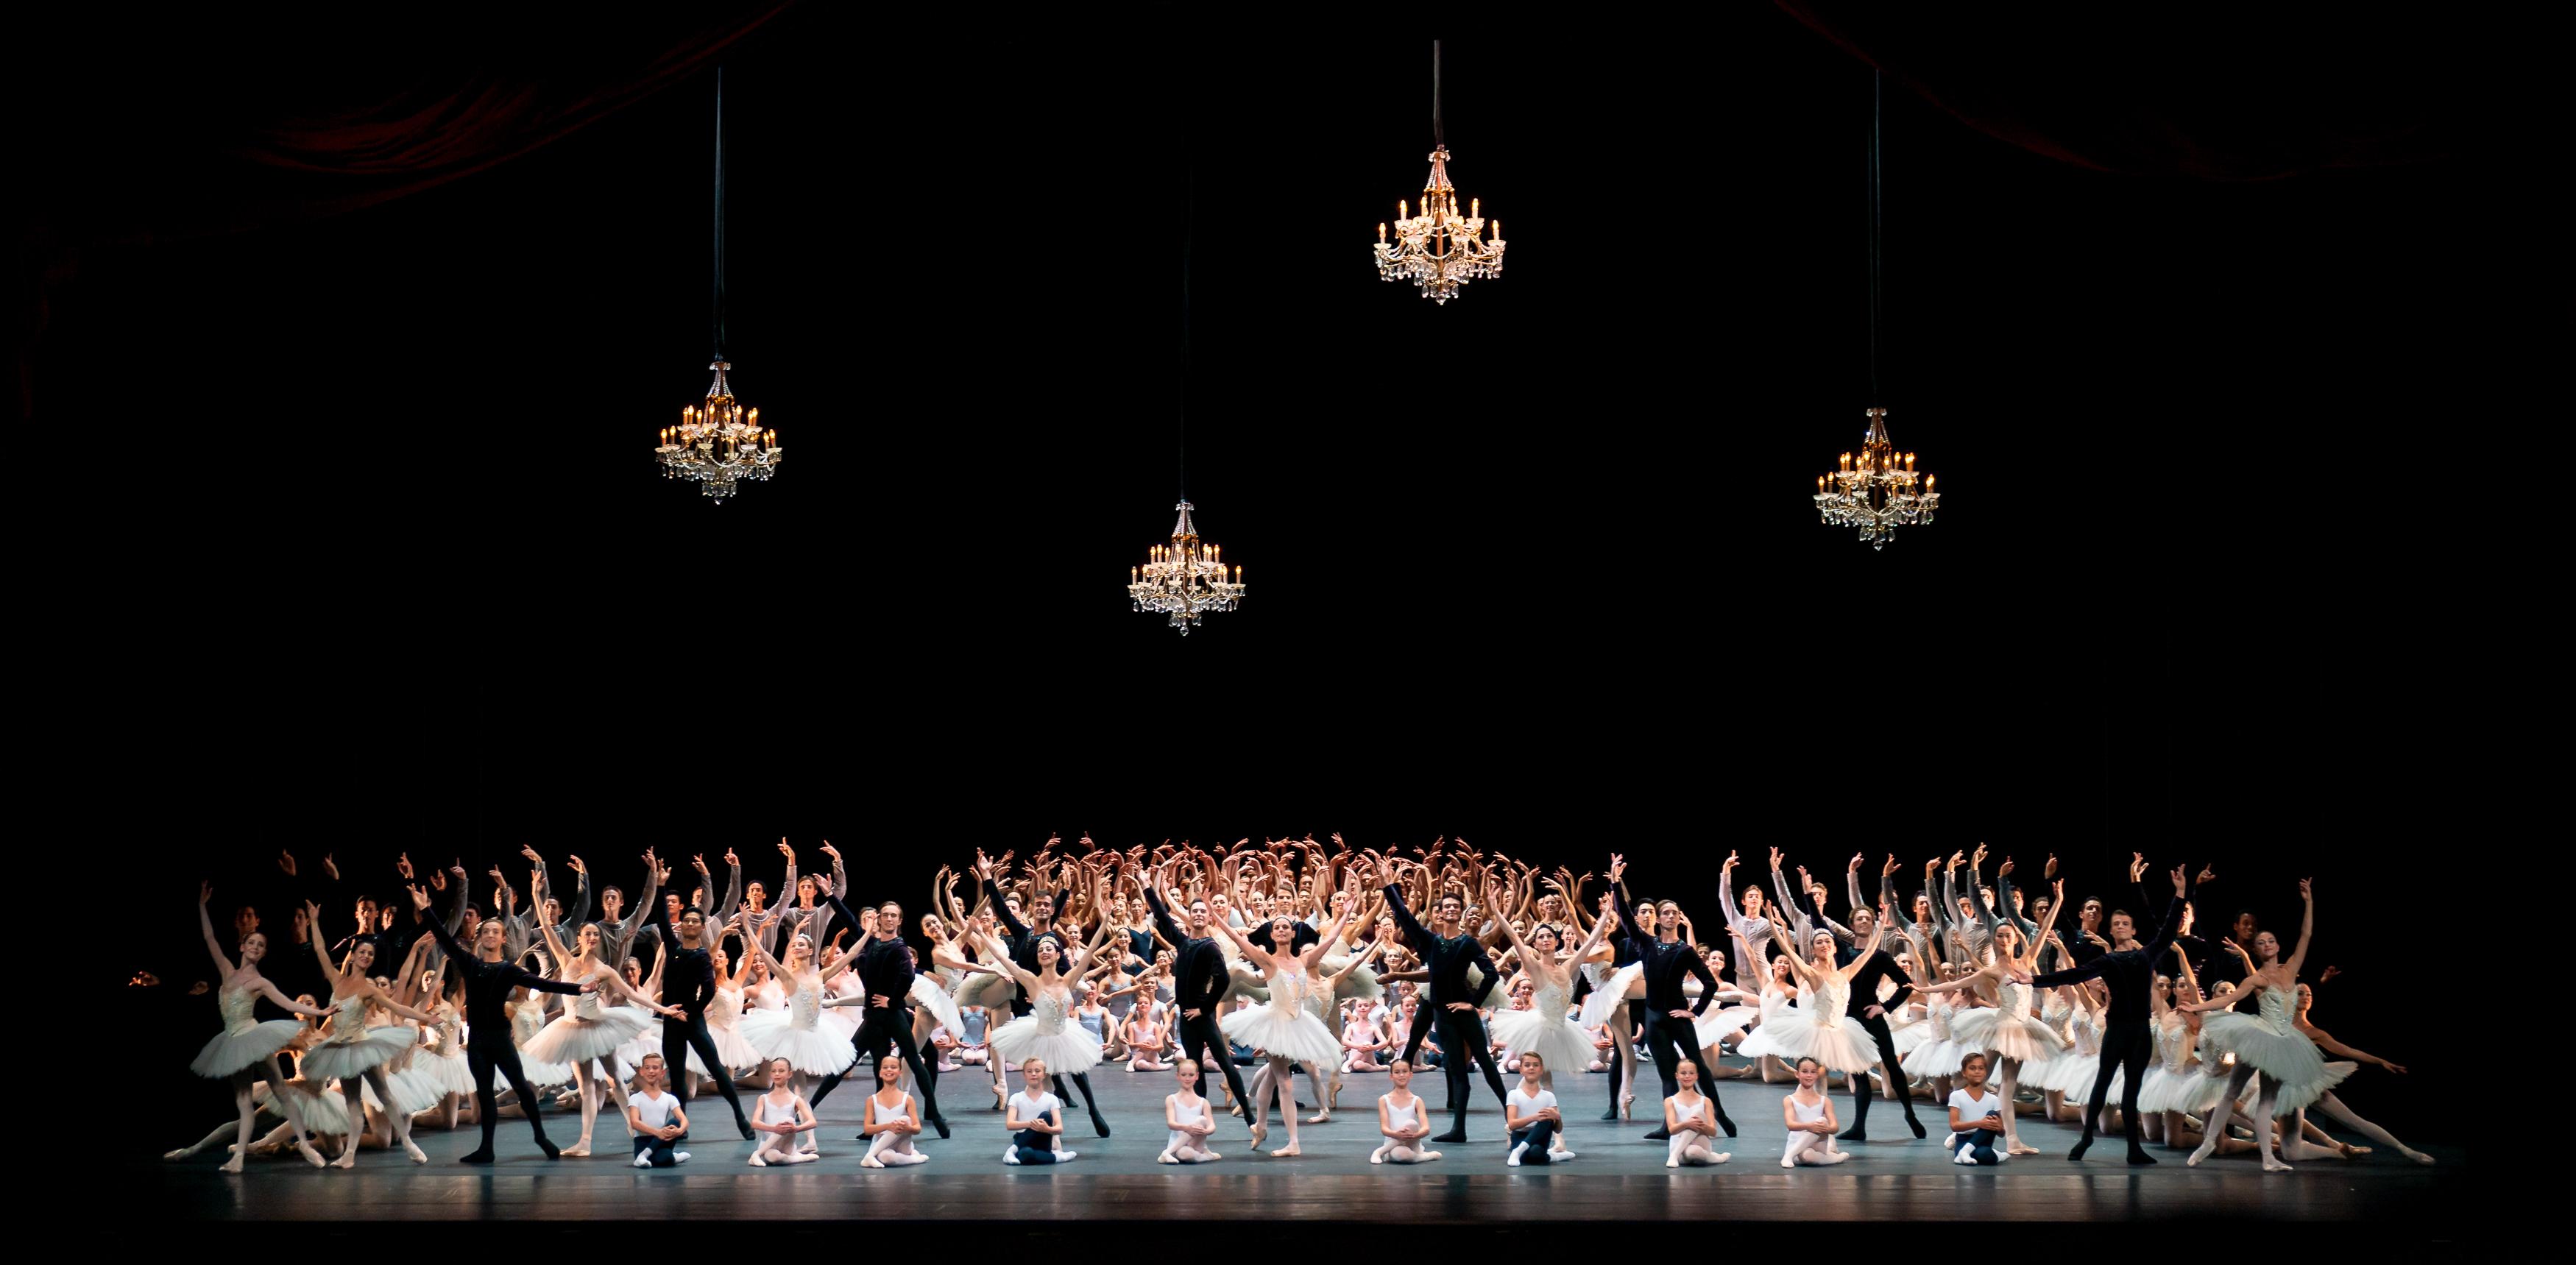 De dansers van Het Nationale Ballet